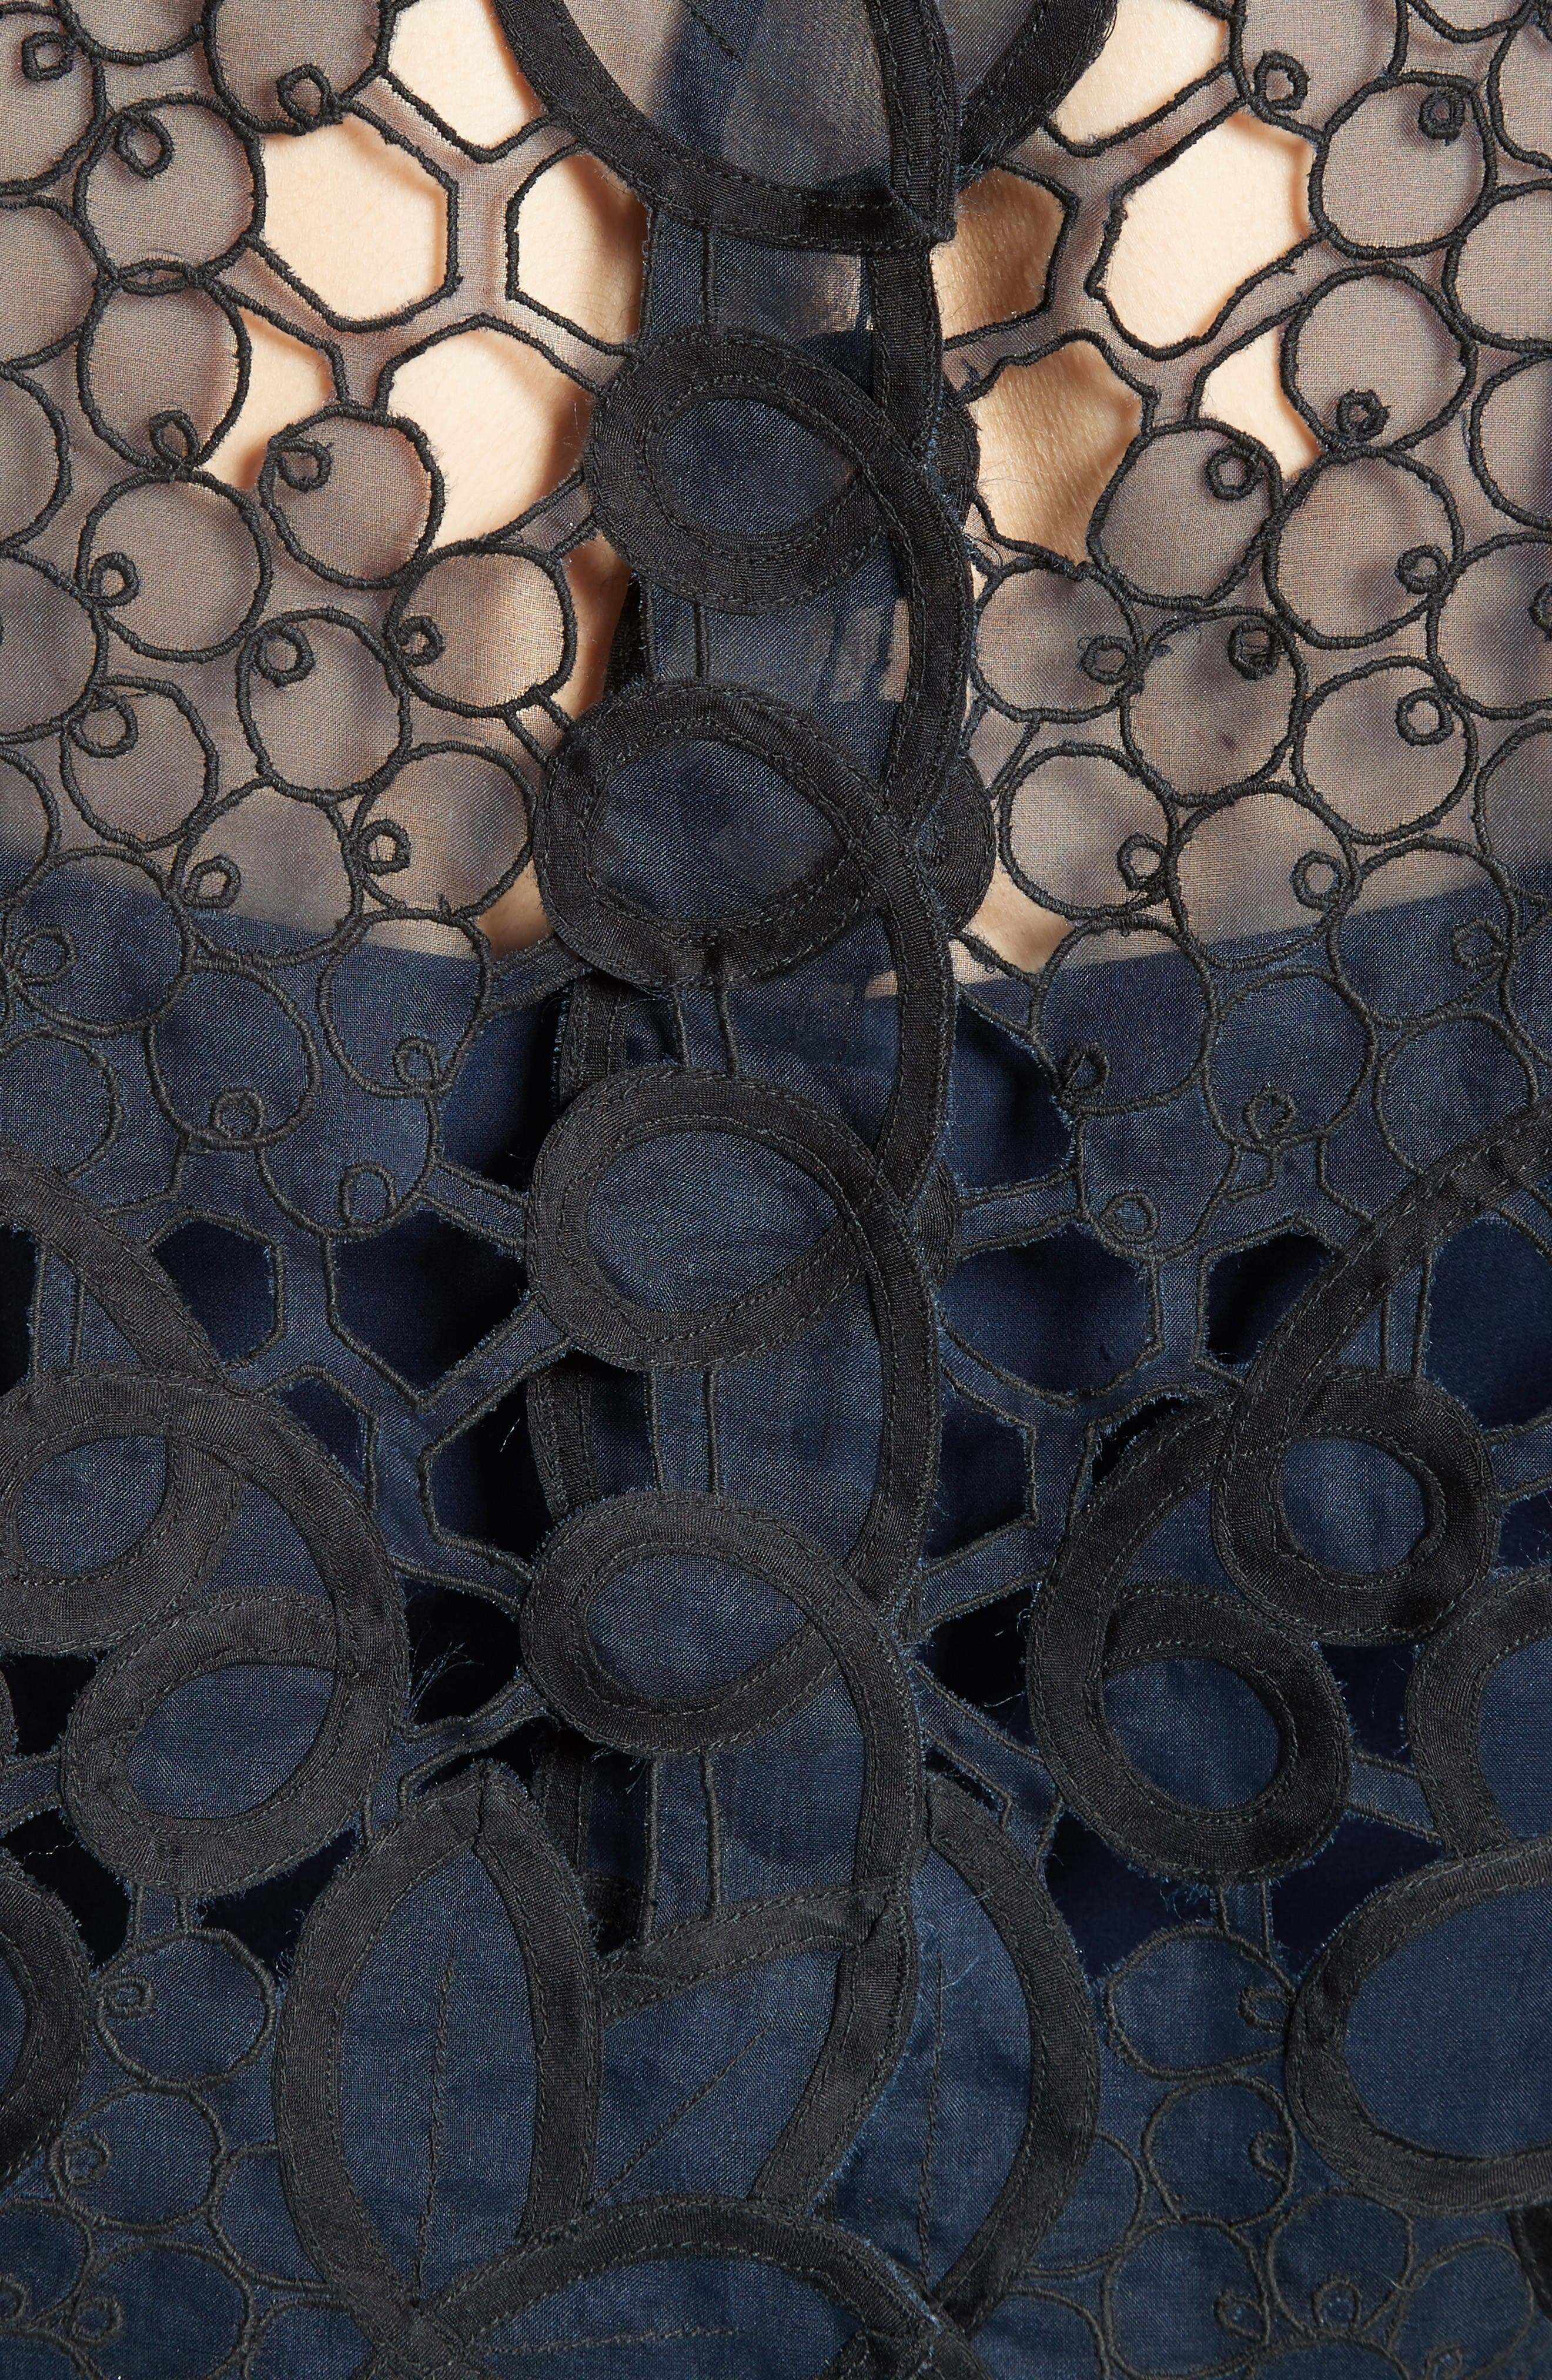 Reversible Lace Bolero,                             Alternate thumbnail 4, color,                             Navy/ Black